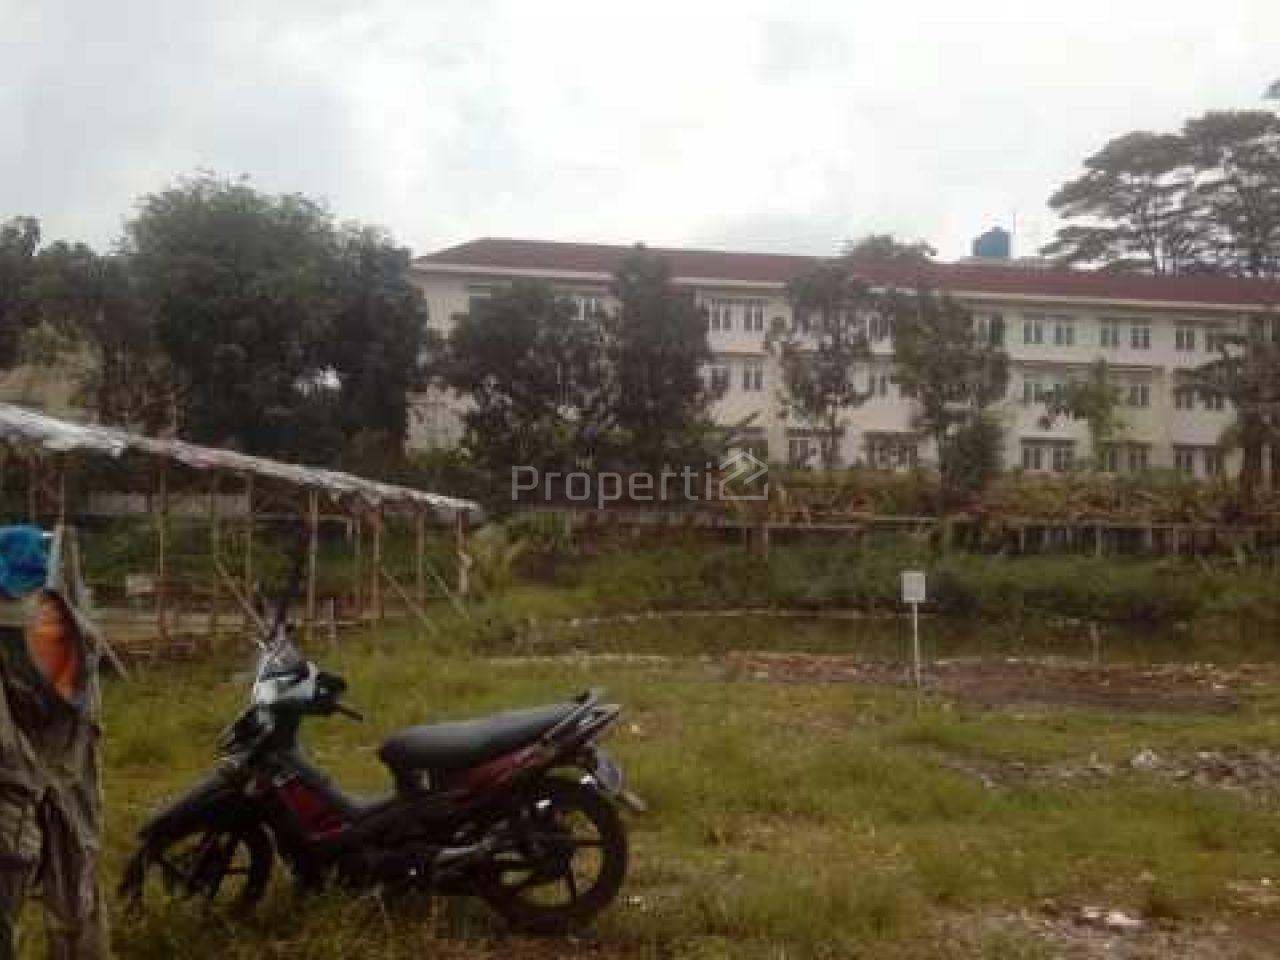 Tanah Potensial Bersebelahan dengan Asrama Poltek UI, Kota Depok